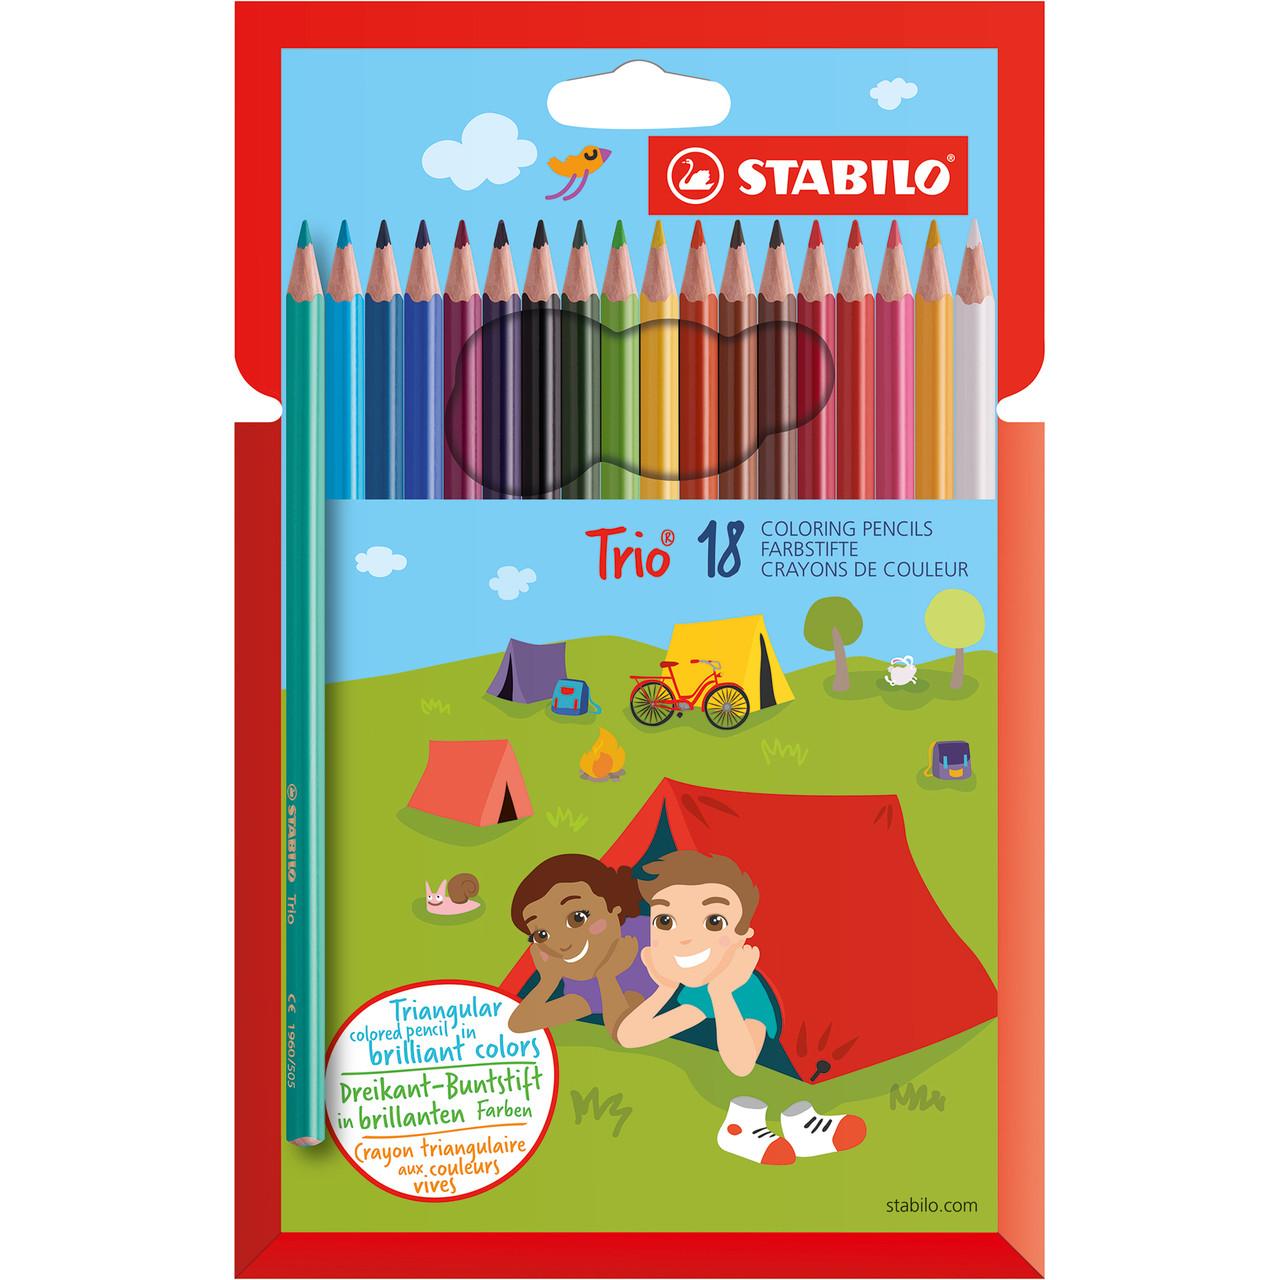 Stabilo TRIO Pencil 18-color Set